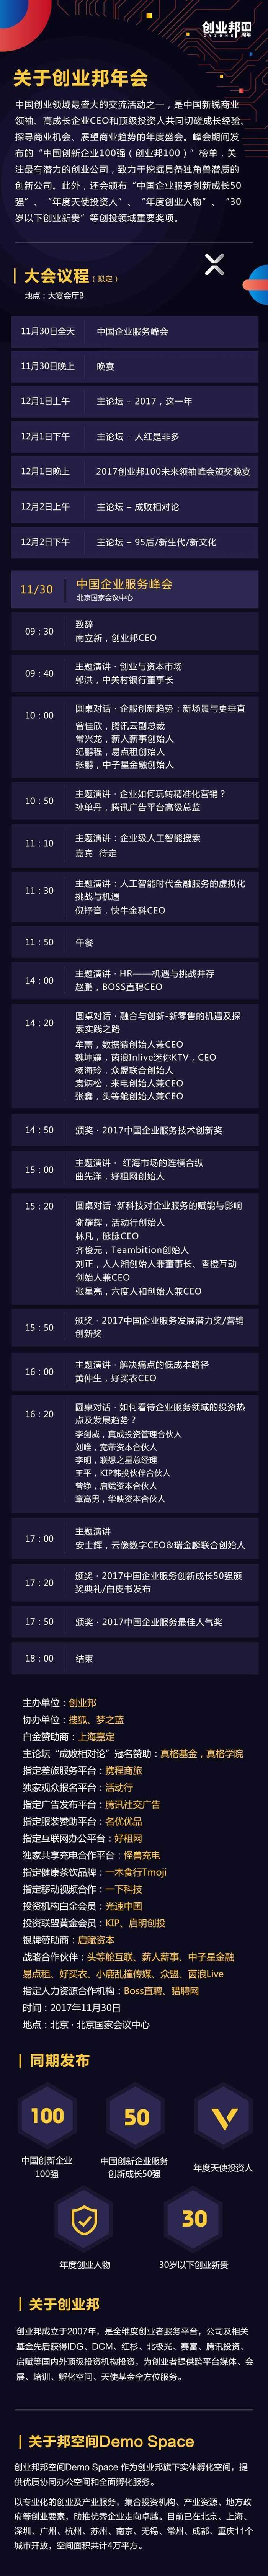 活动行中国企业服务峰会-修改4.jpg